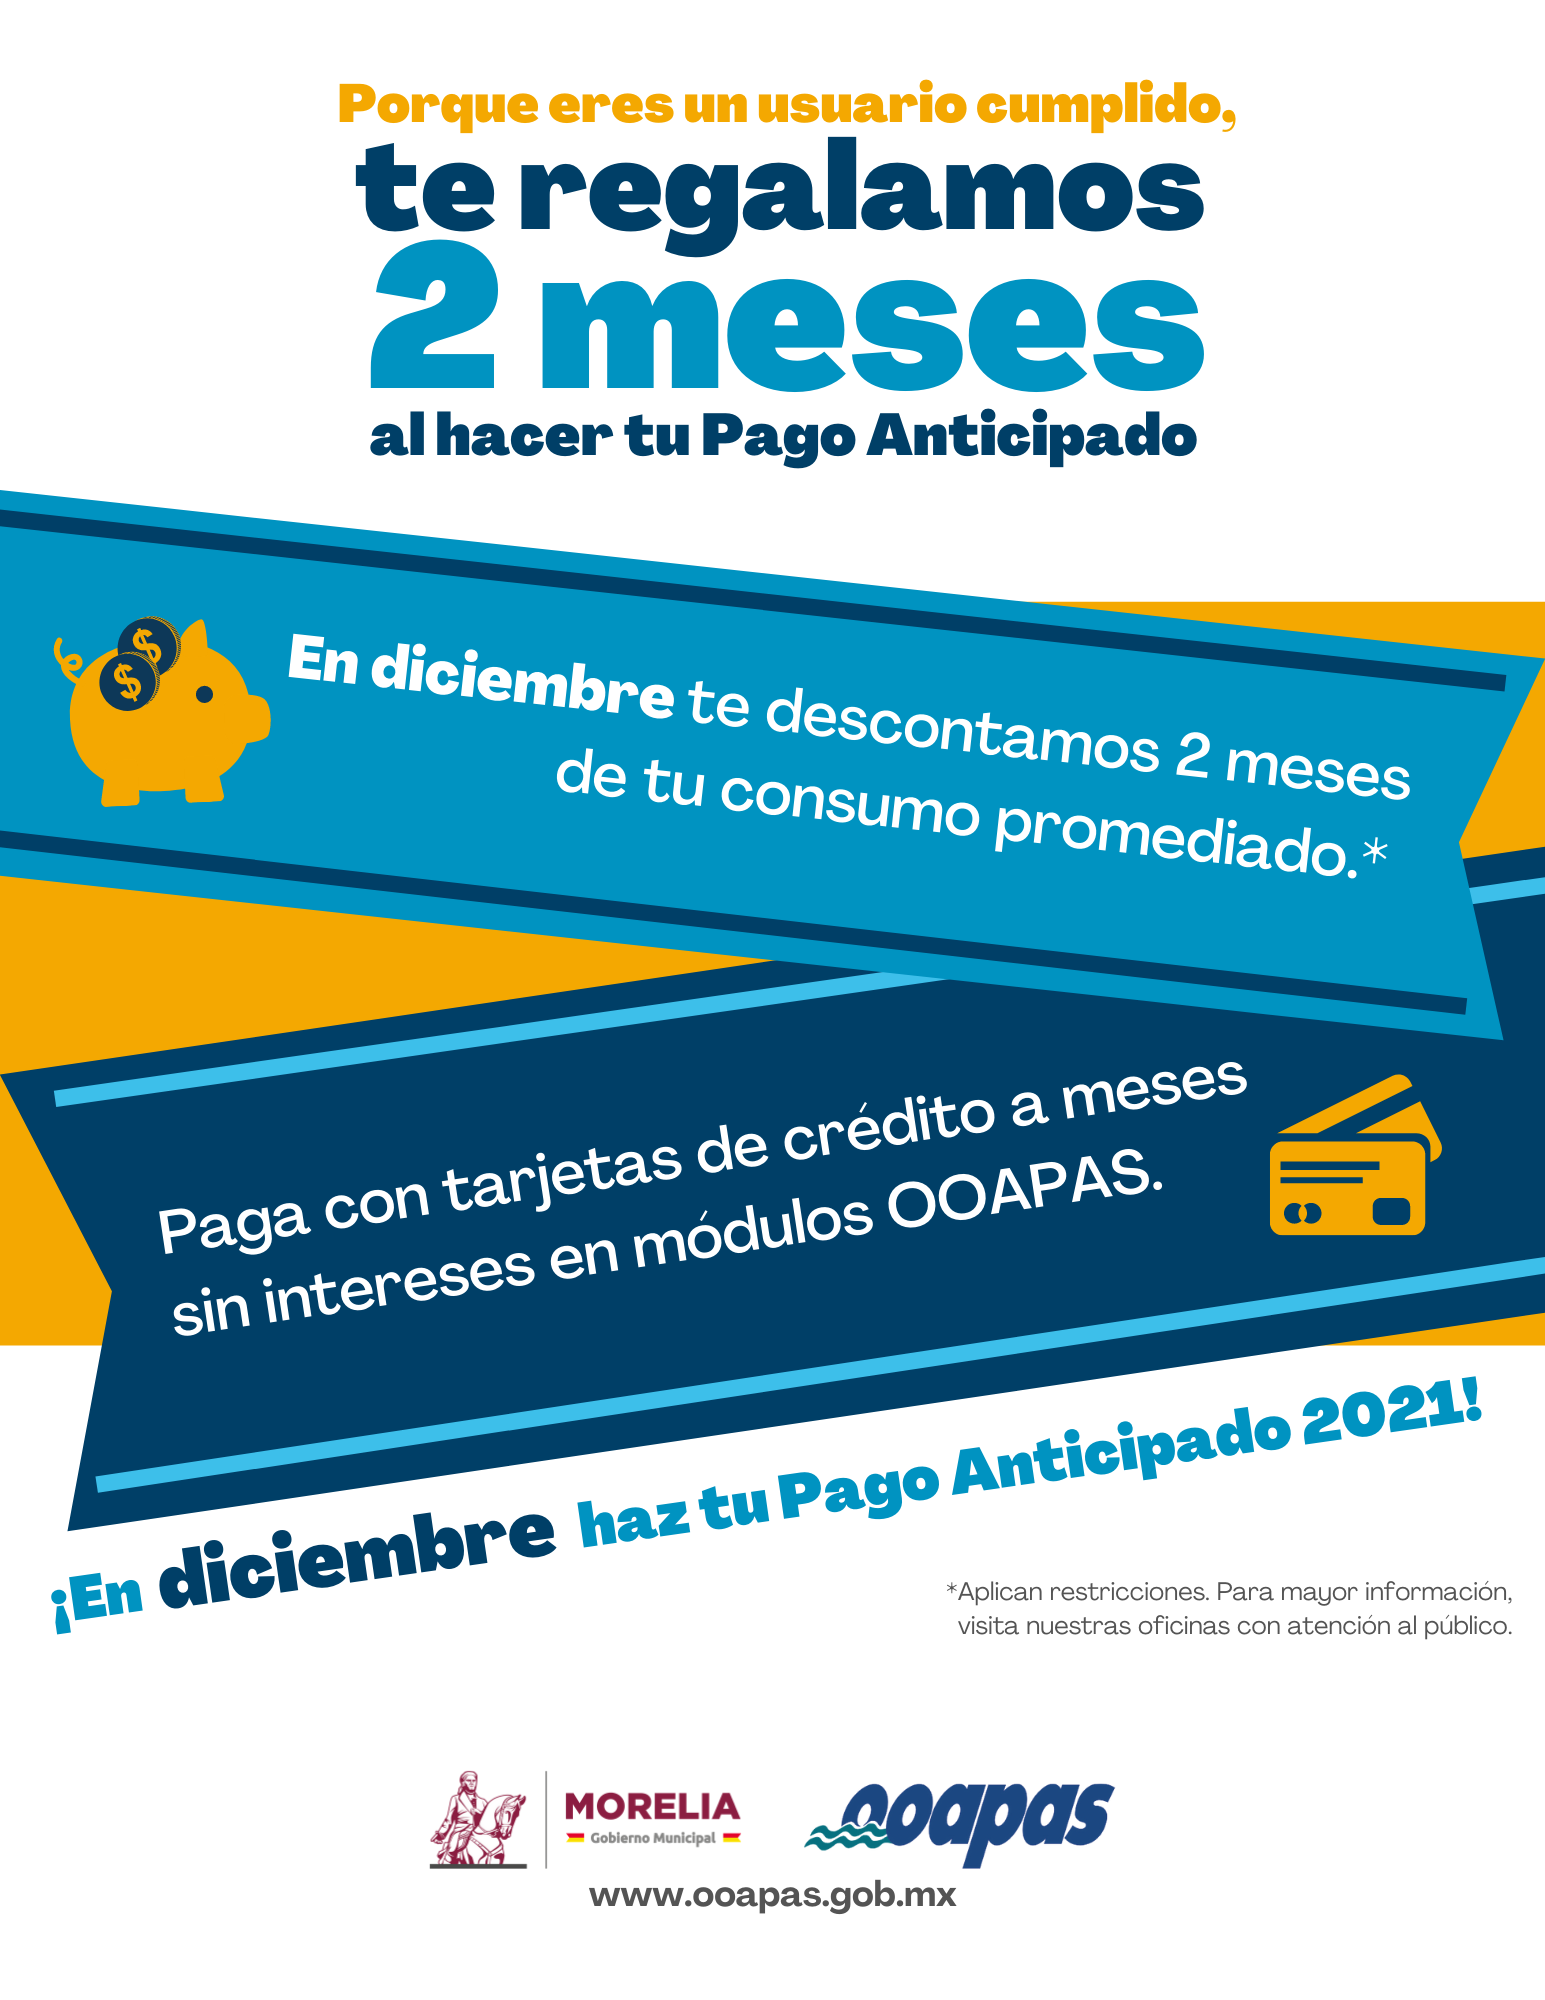 pago anticipado 2021